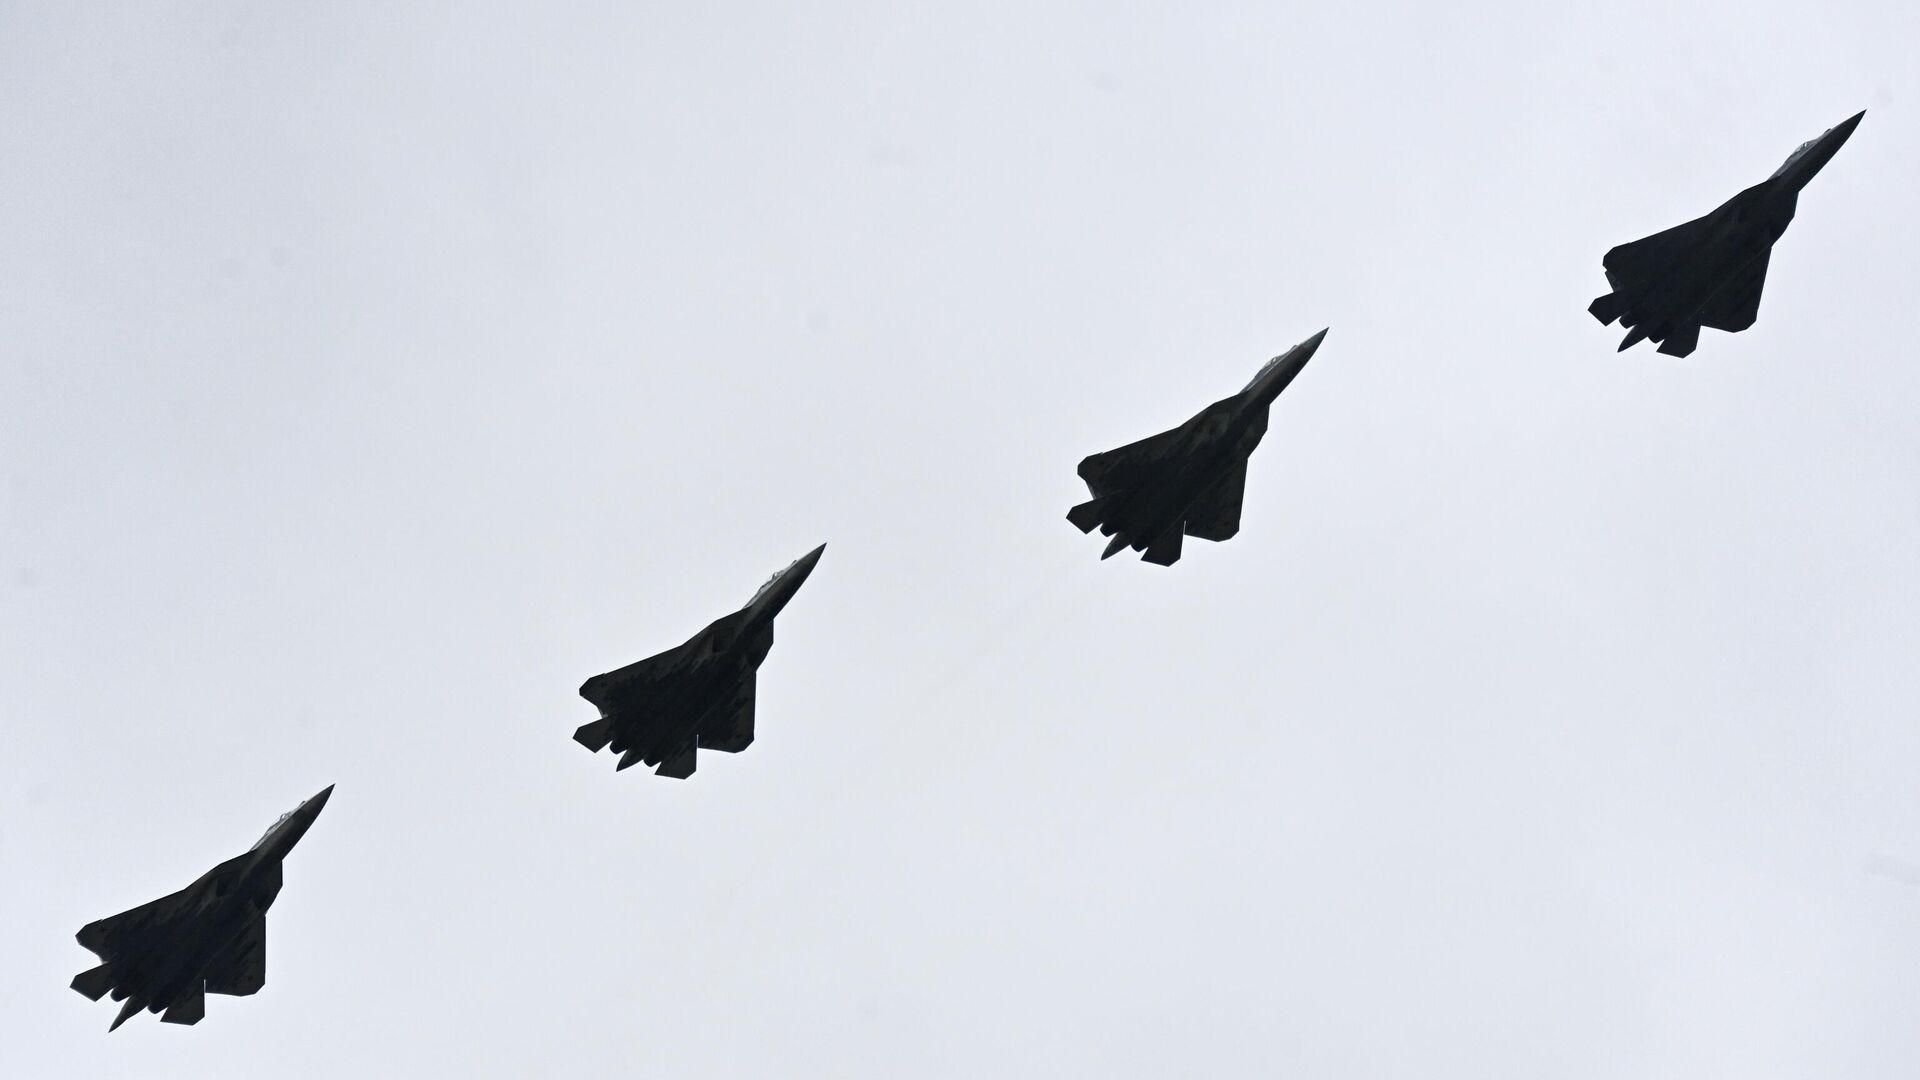 Многофункциональные истребители пятого поколения Су-57 во время воздушной части парада в честь 76-й годовщины Победы в Великой Отечественной войне в Москве - РИА Новости, 1920, 14.10.2021